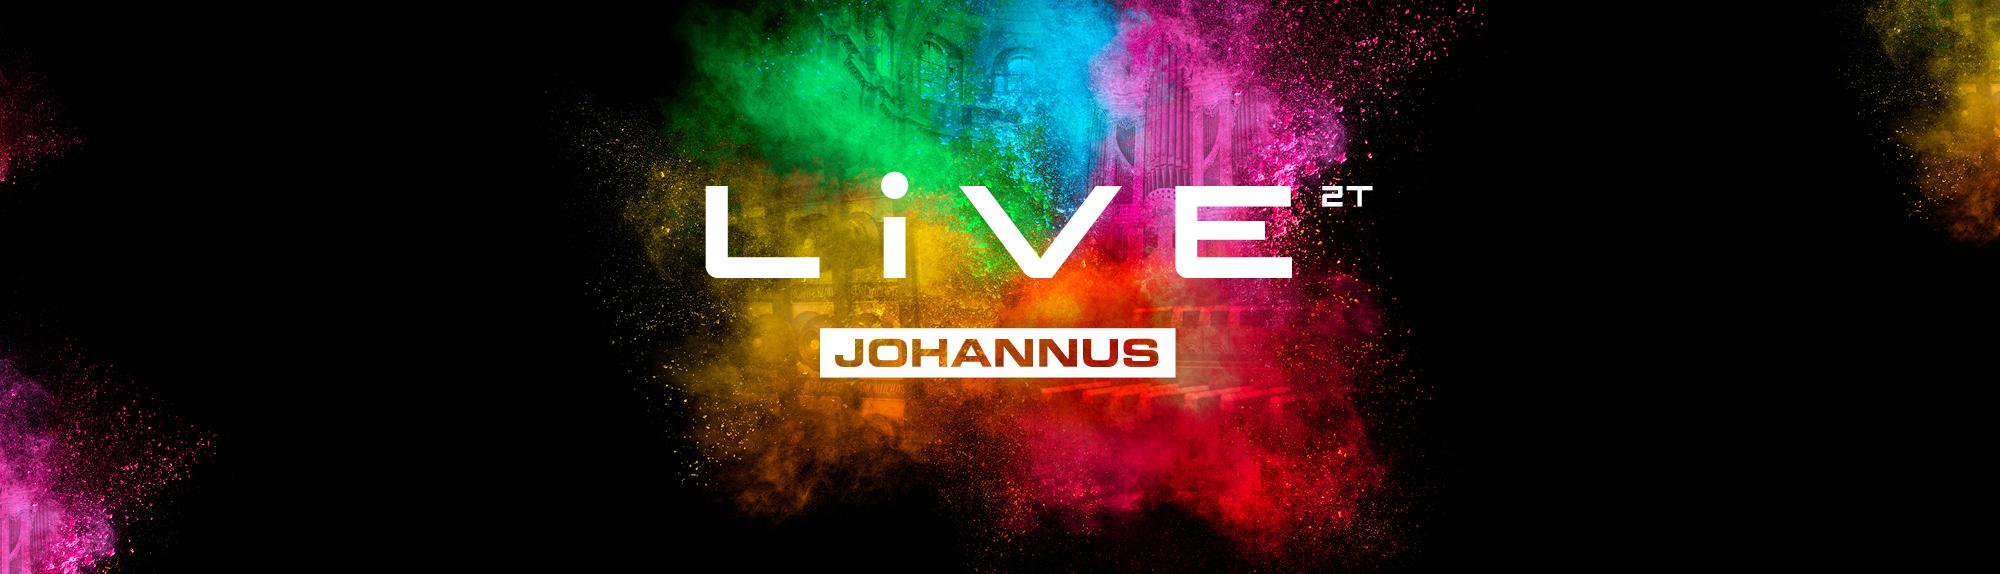 Órgão Johannus Live